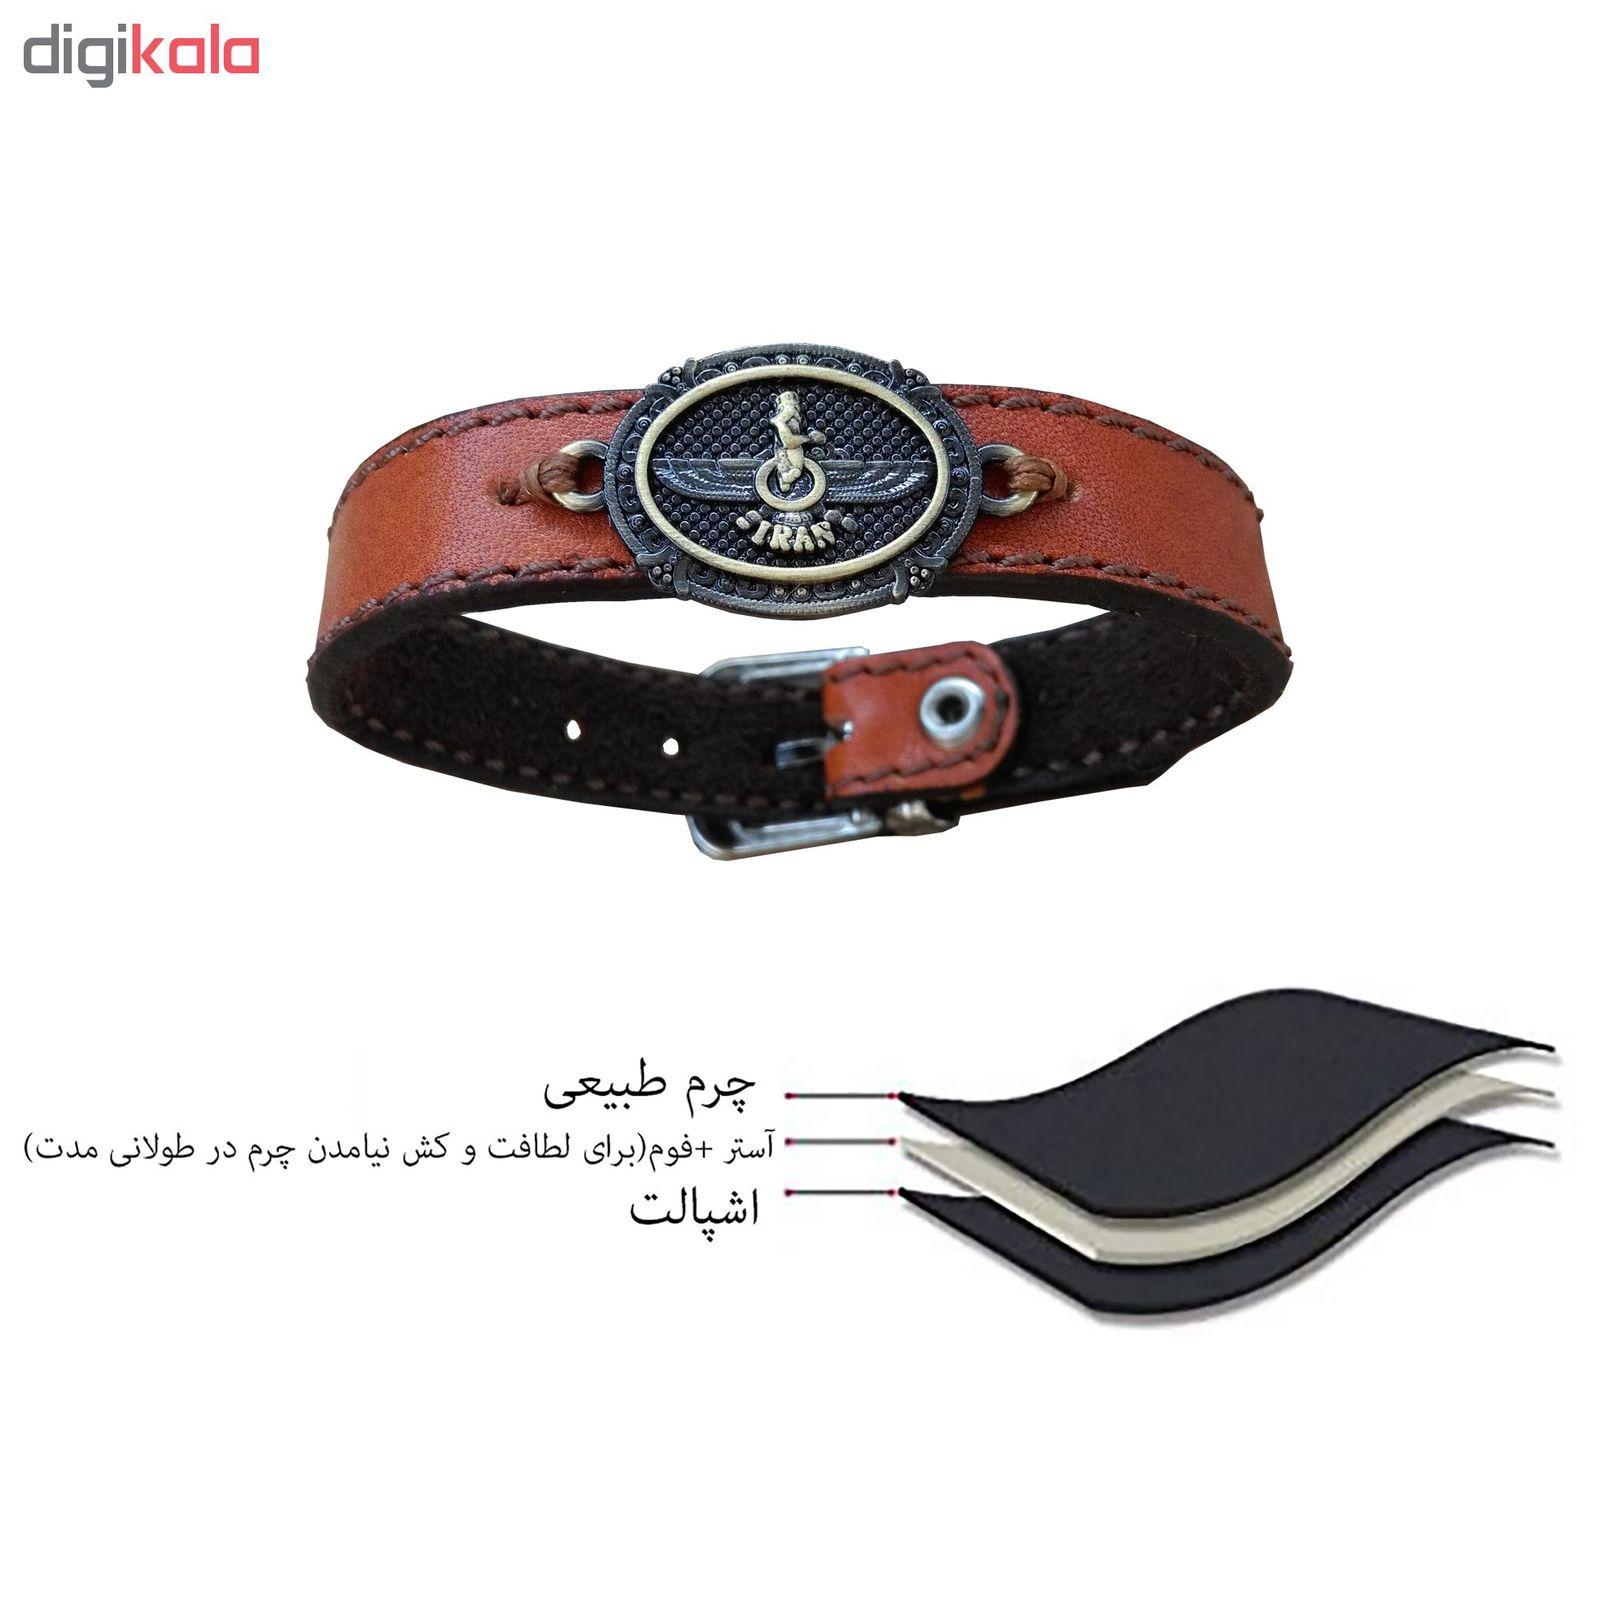 دستبند چرم وارک مدل پرهام کد rb38 main 1 27